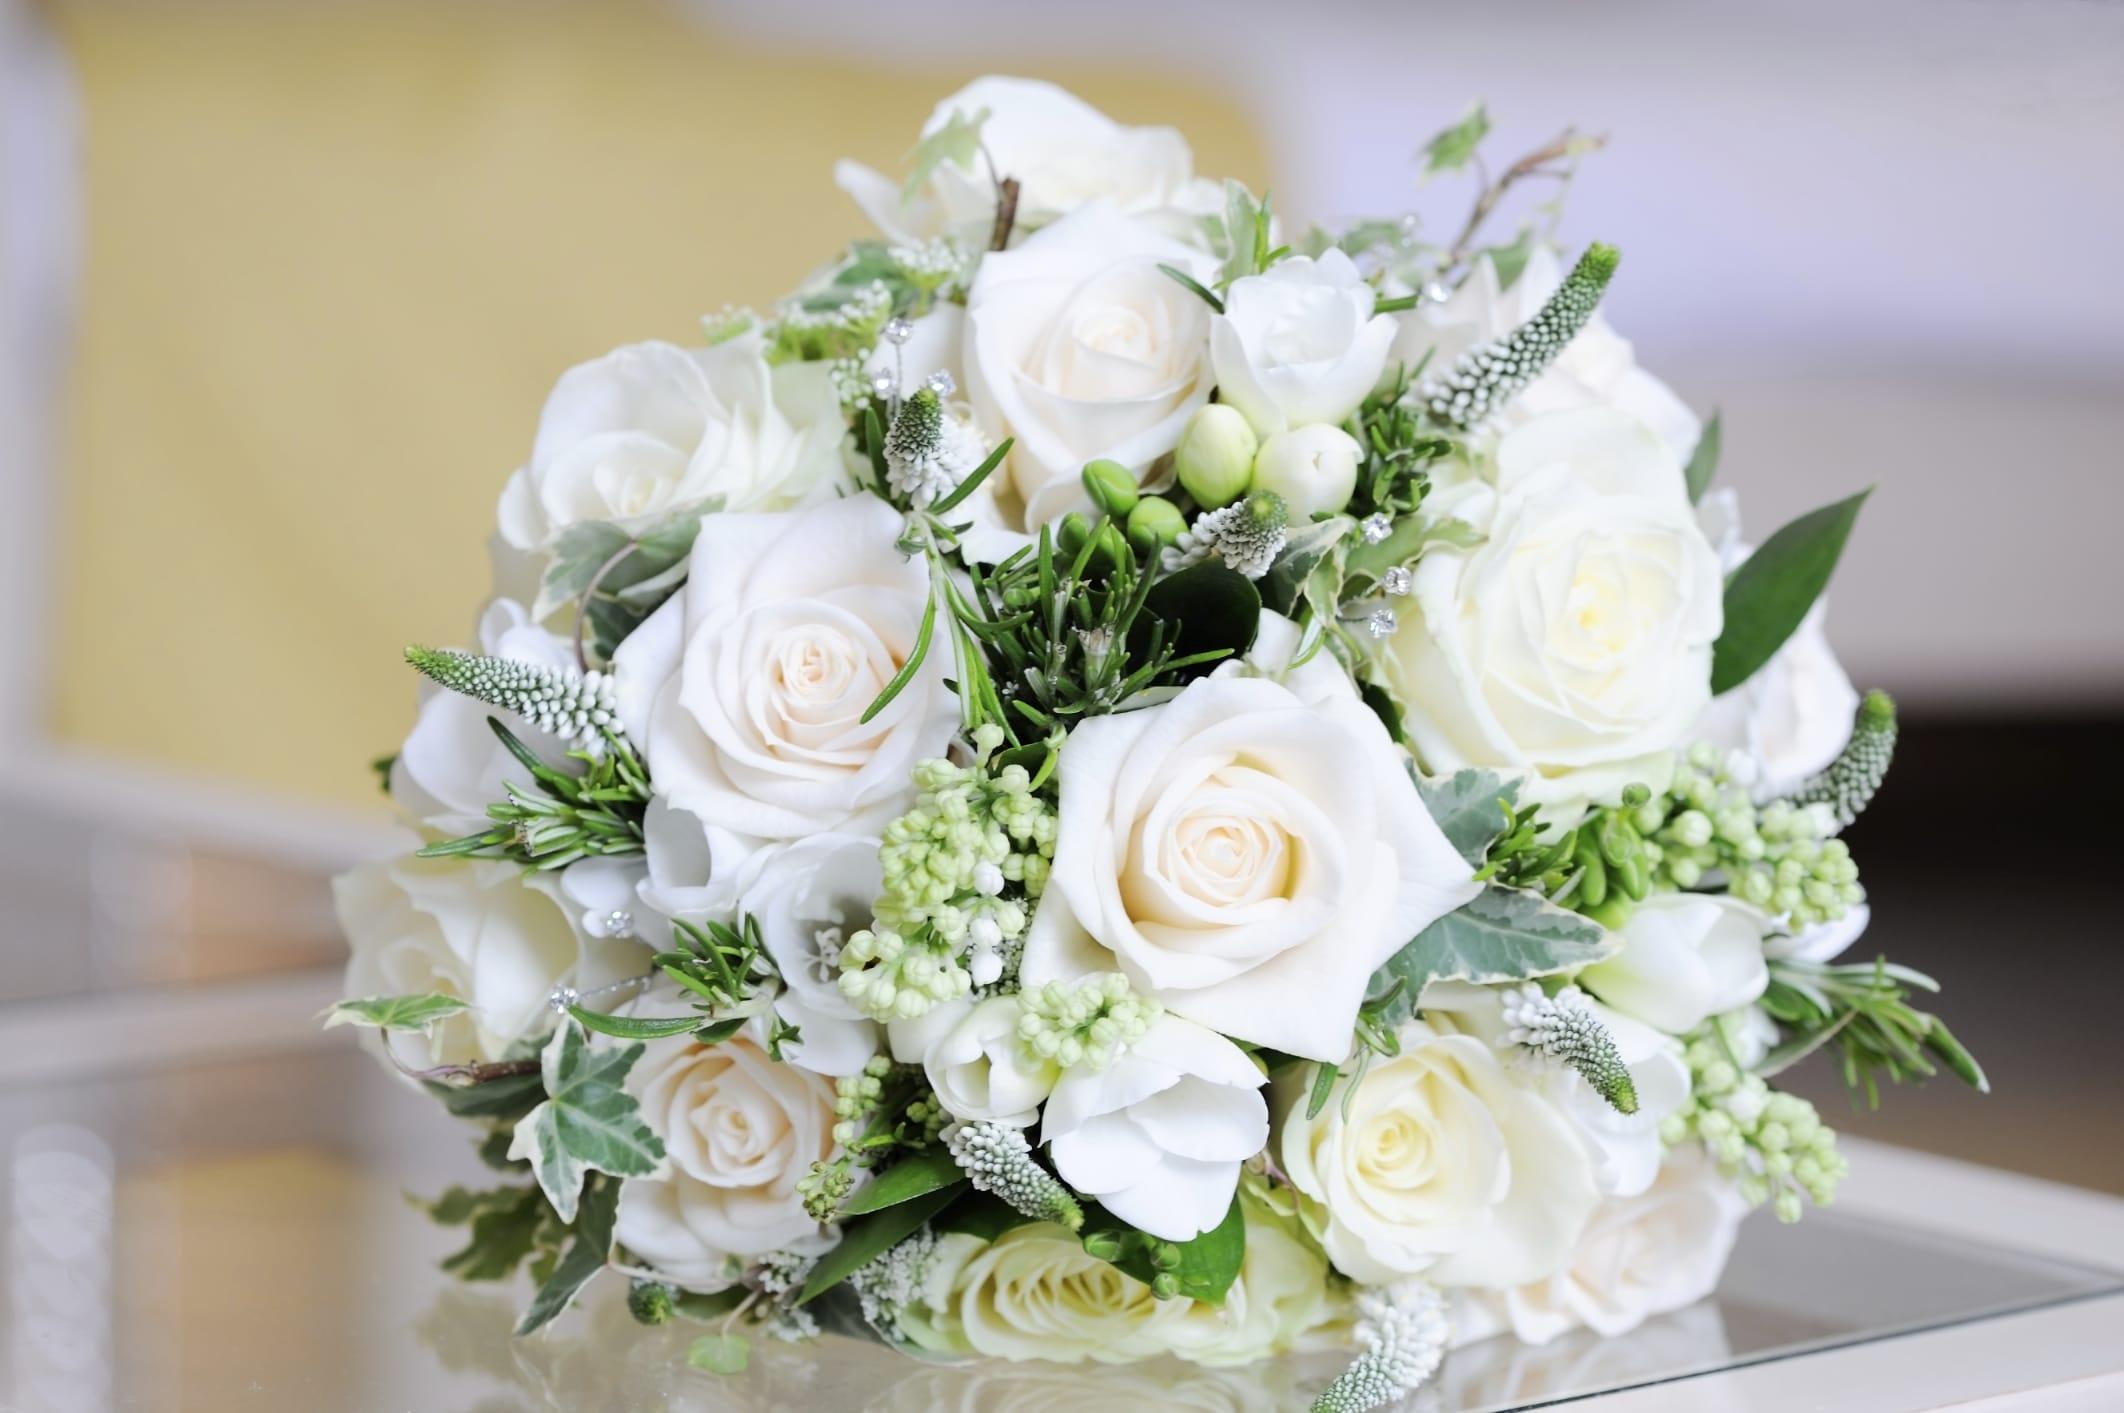 Riciclo creativo matrimonio: tante idee per delle nozze ecosostenibili e low cost